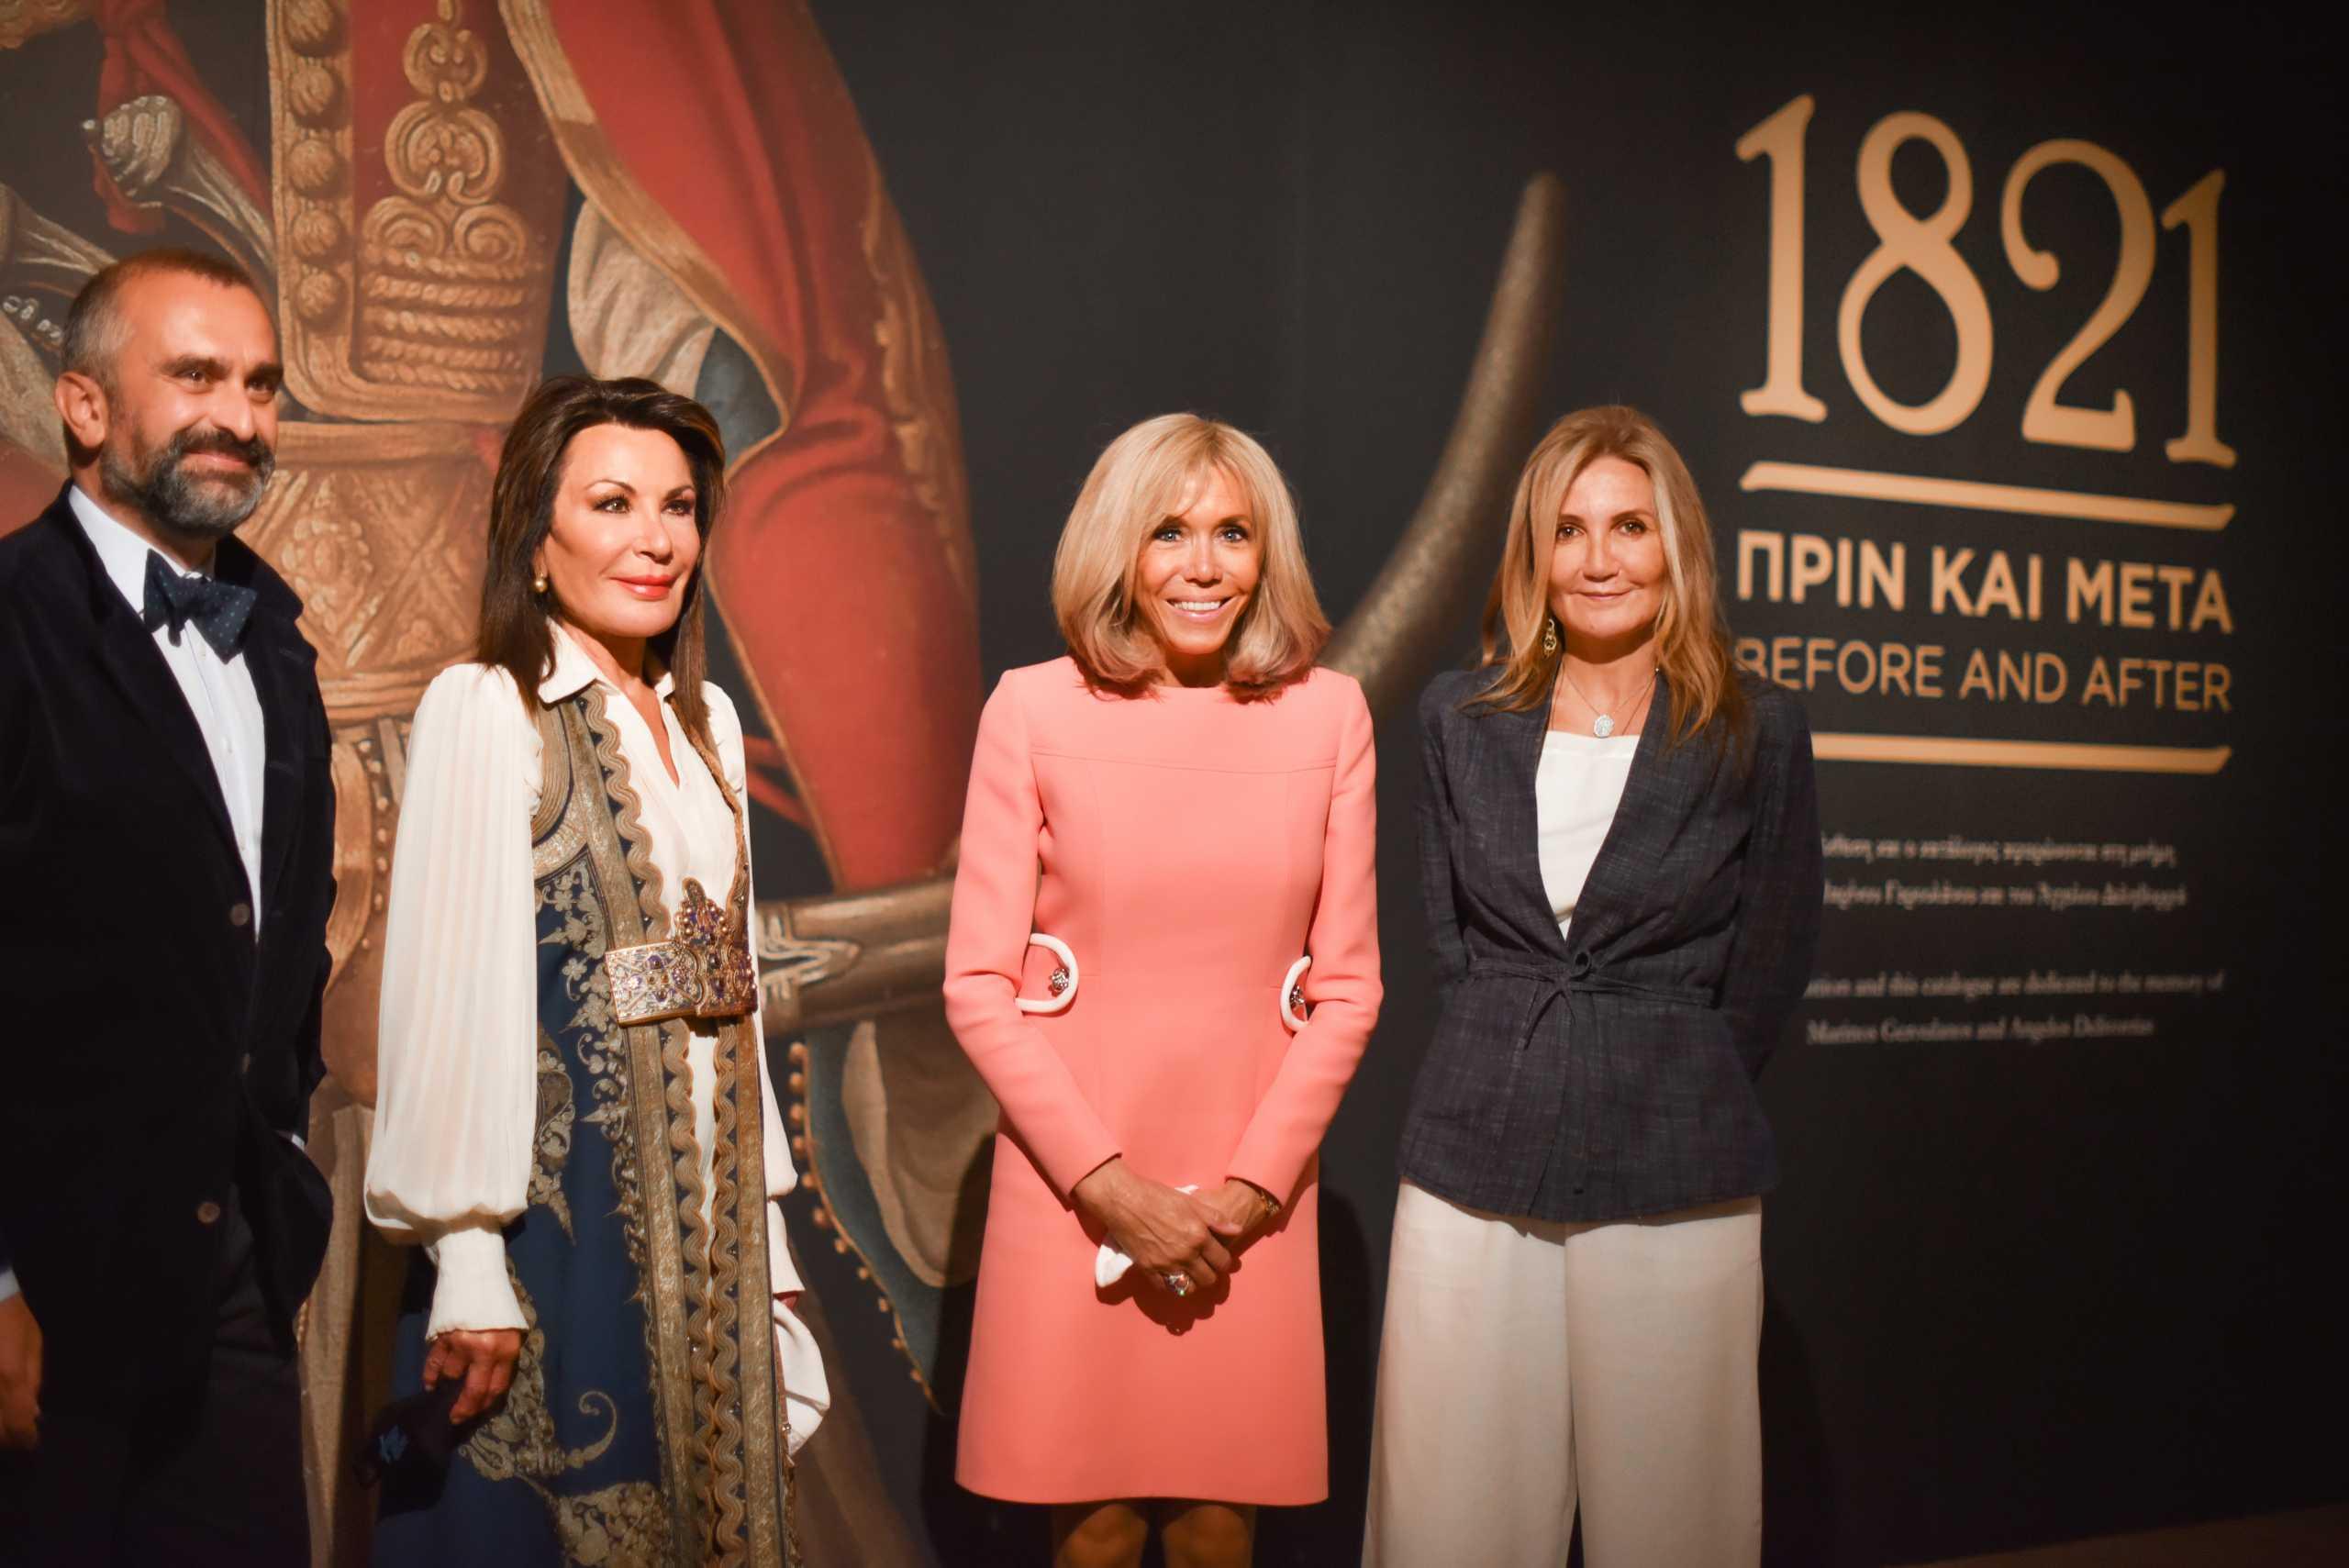 EUMED 9 – Μπριζίτ Μακρόν: Στο μουσείο Μπενάκη μαζί με την Μαρέβα Μητσοτάκη